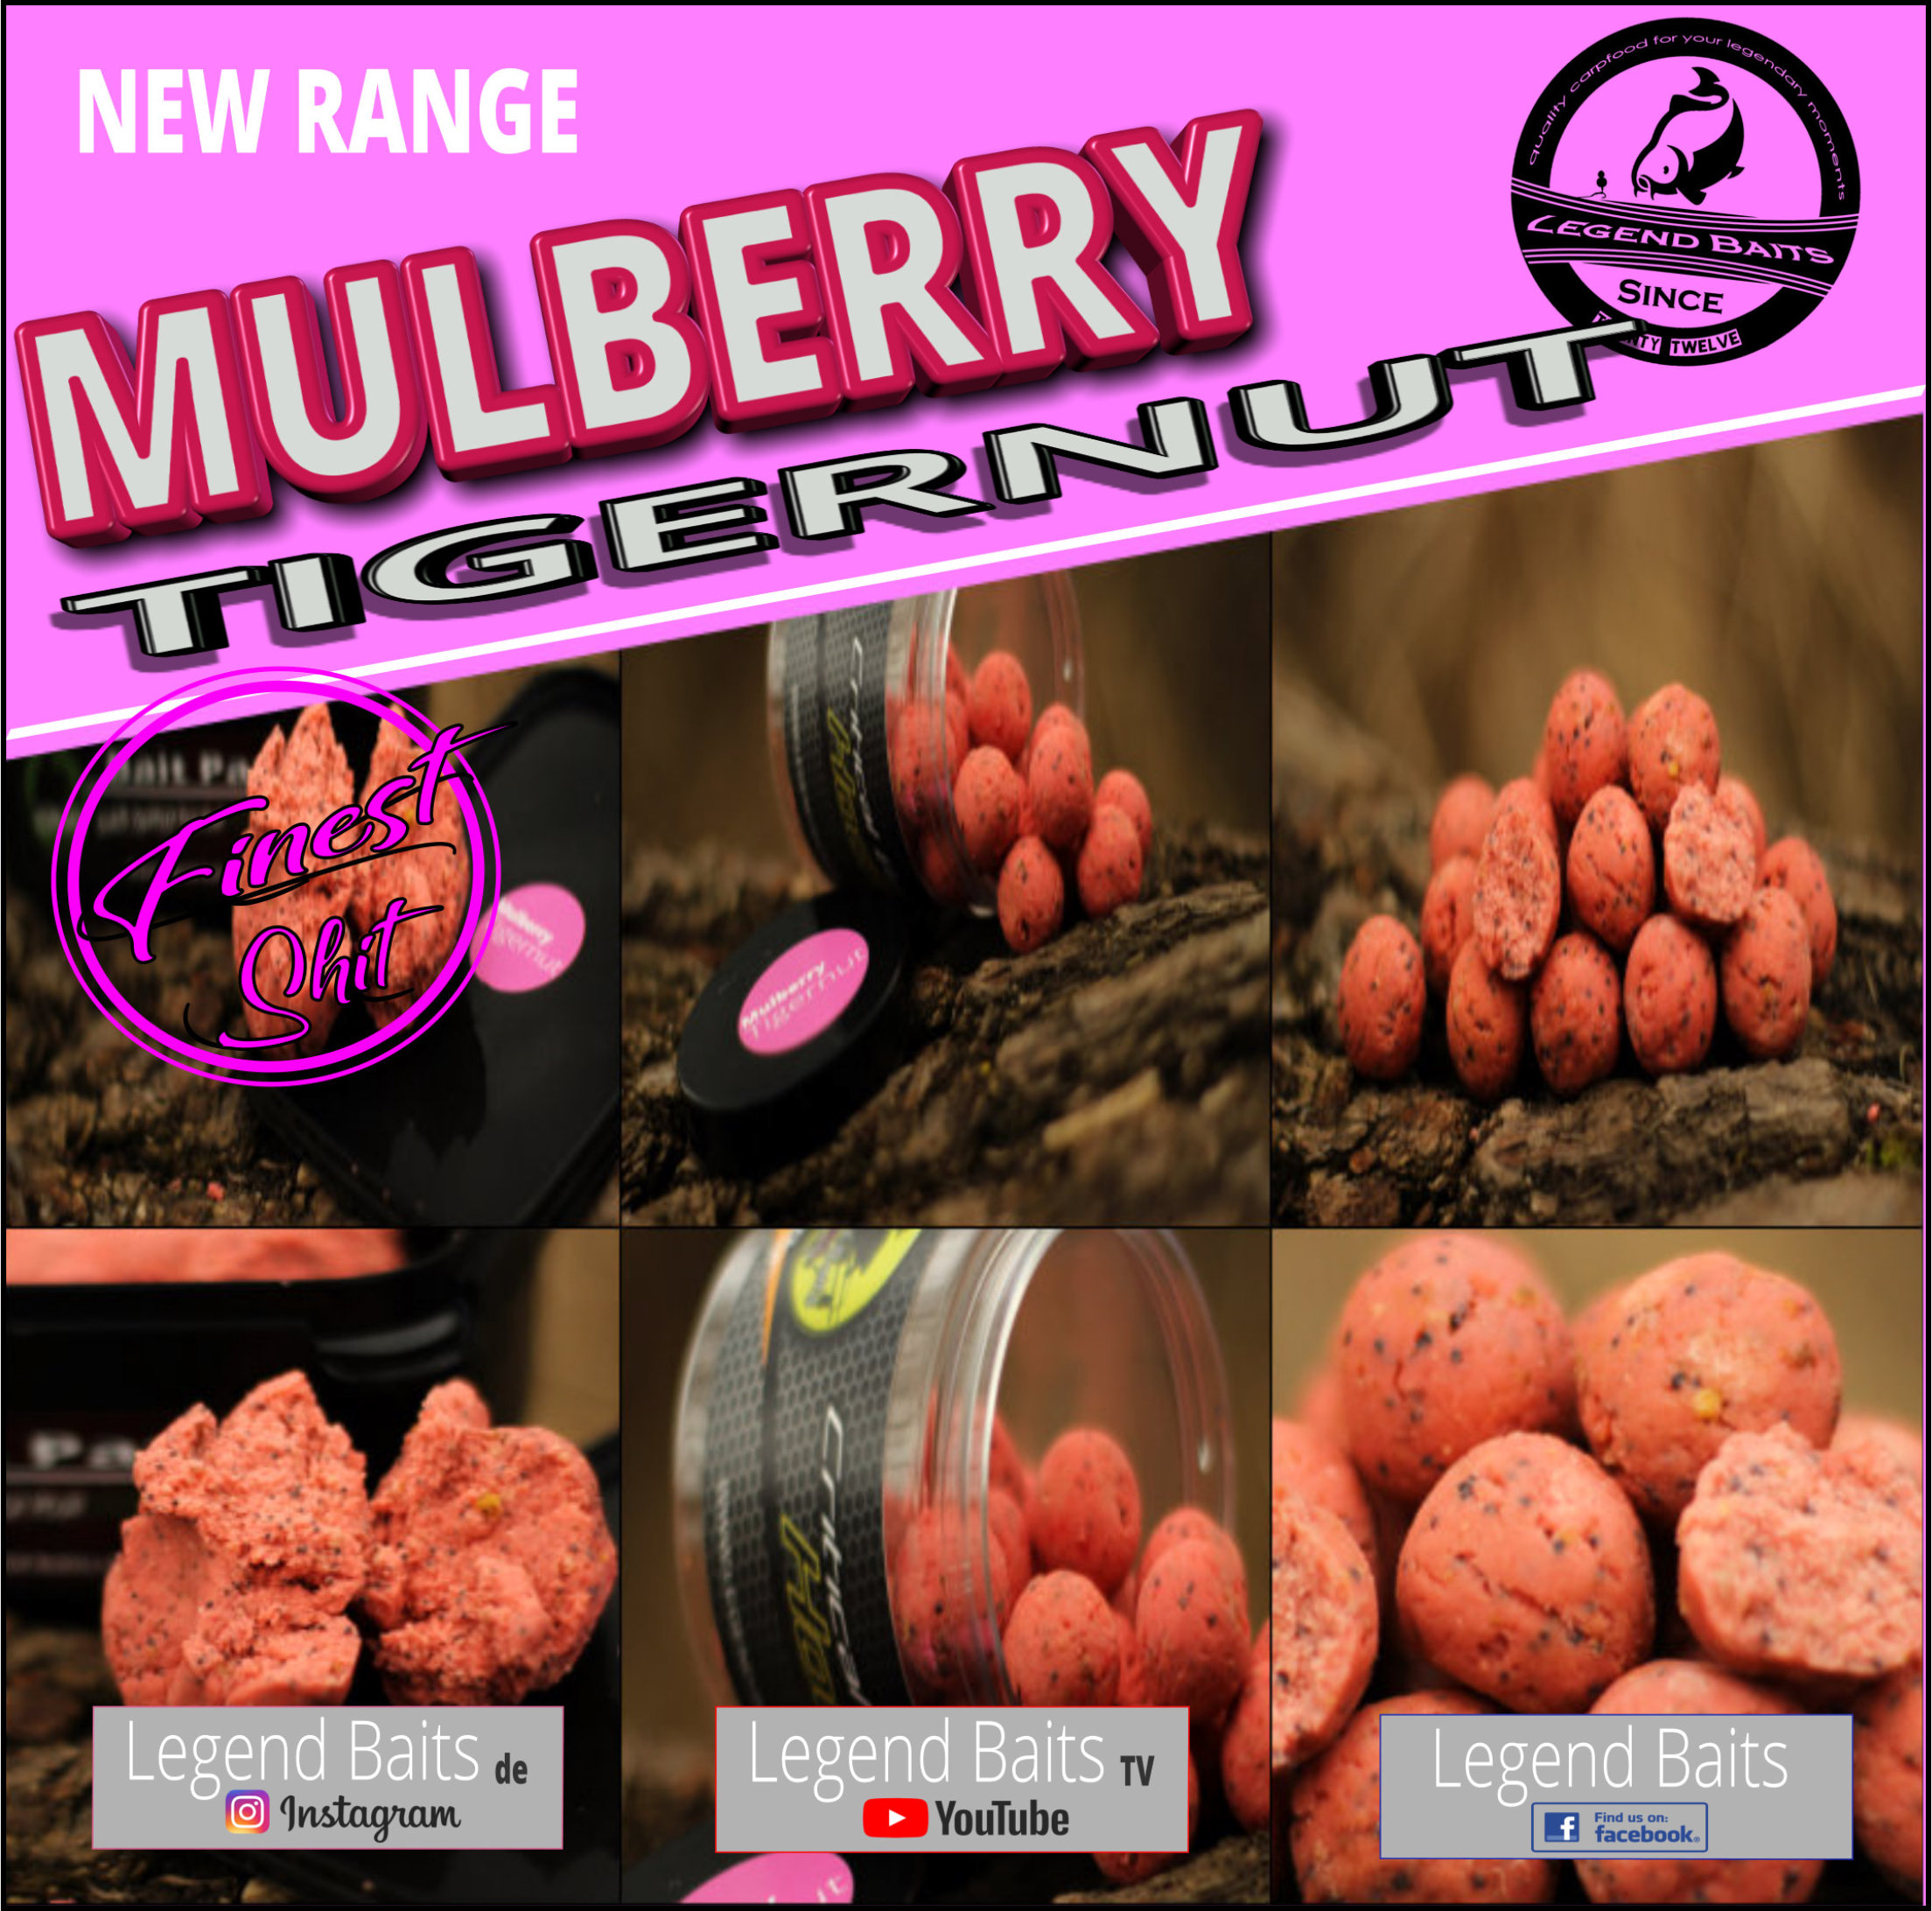 Anzeige Mulberry Tigernut - Vergessene Goldgruben